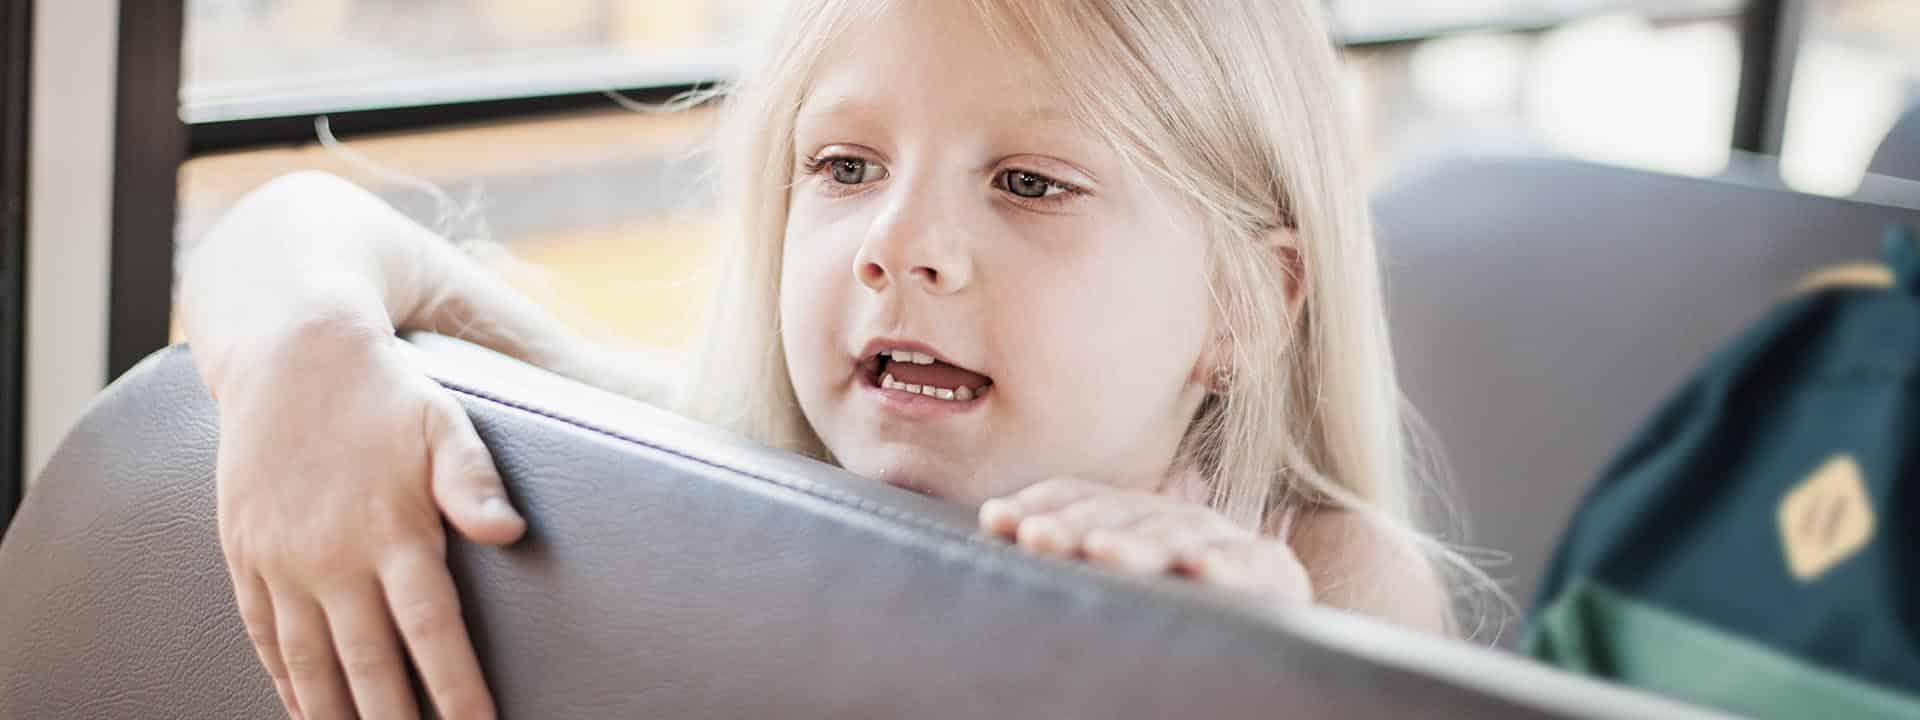 Schmetterlingskind auf dem Weg in die Schule oder Kita